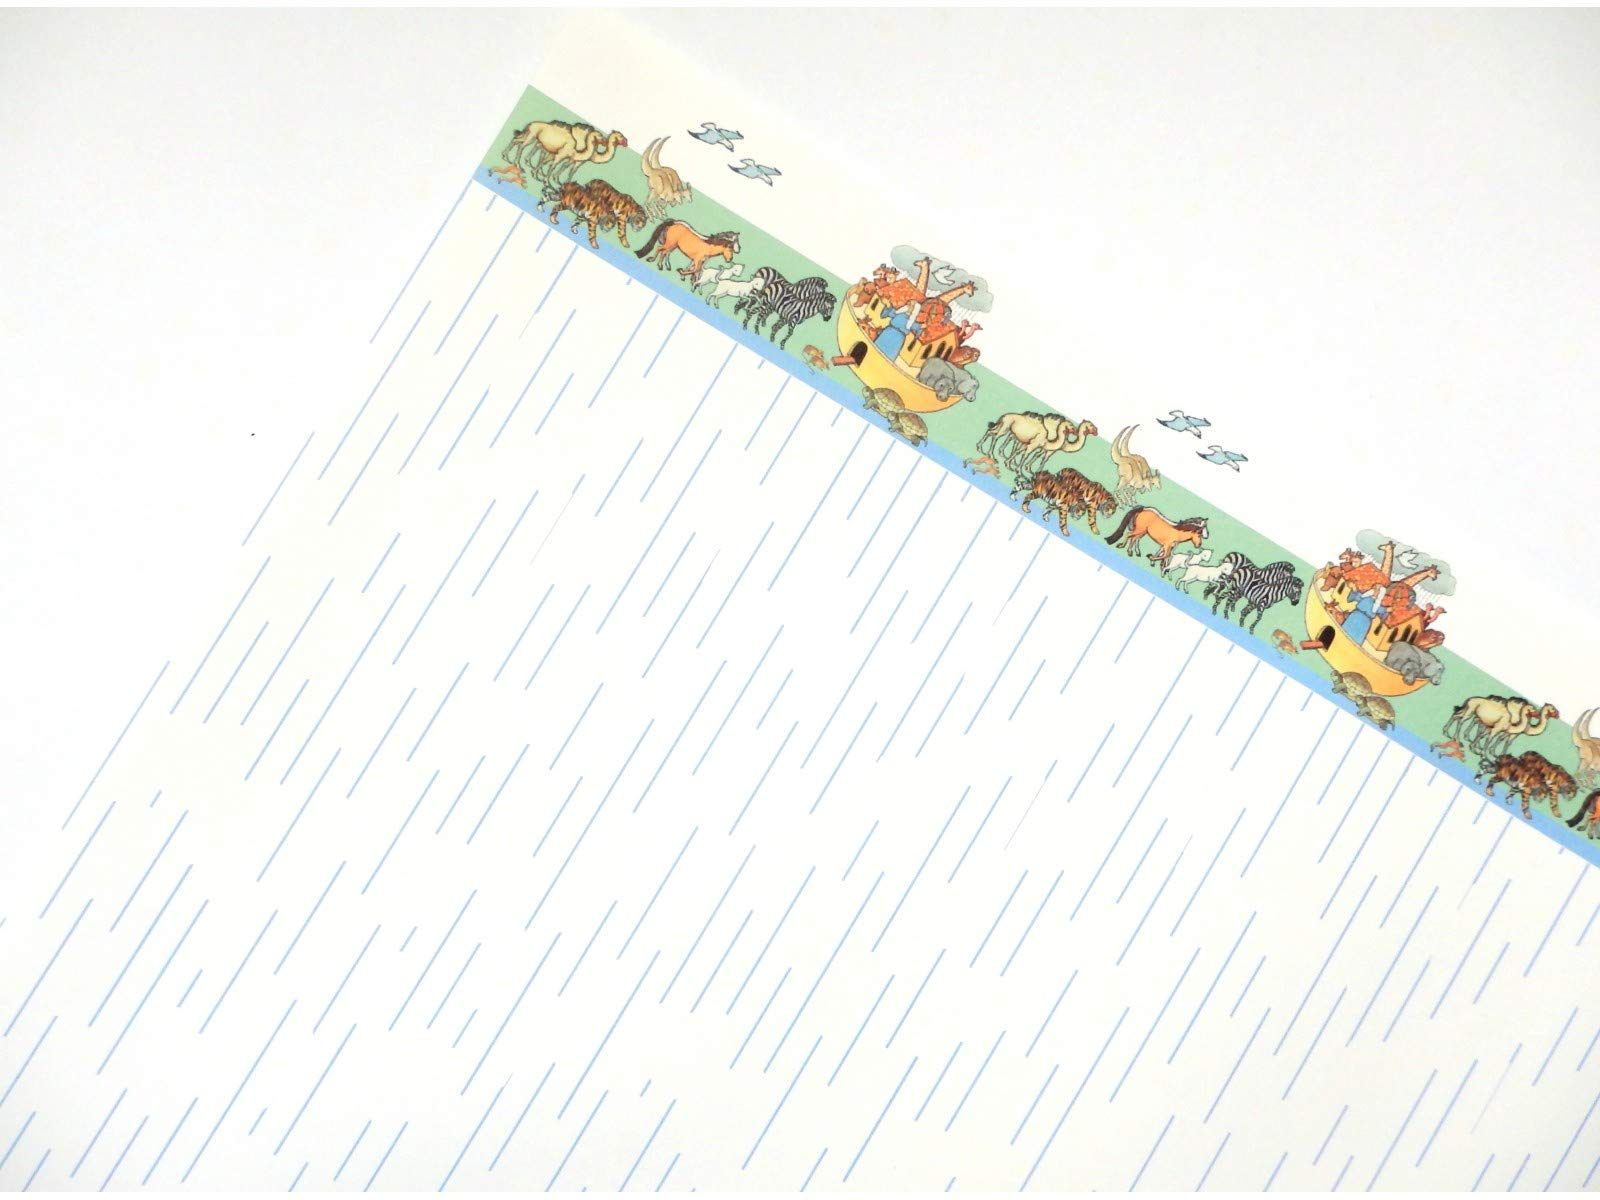 ドールハウスノアの箱舟ミニチュアプリント保育園壁紙青3個セット 通販